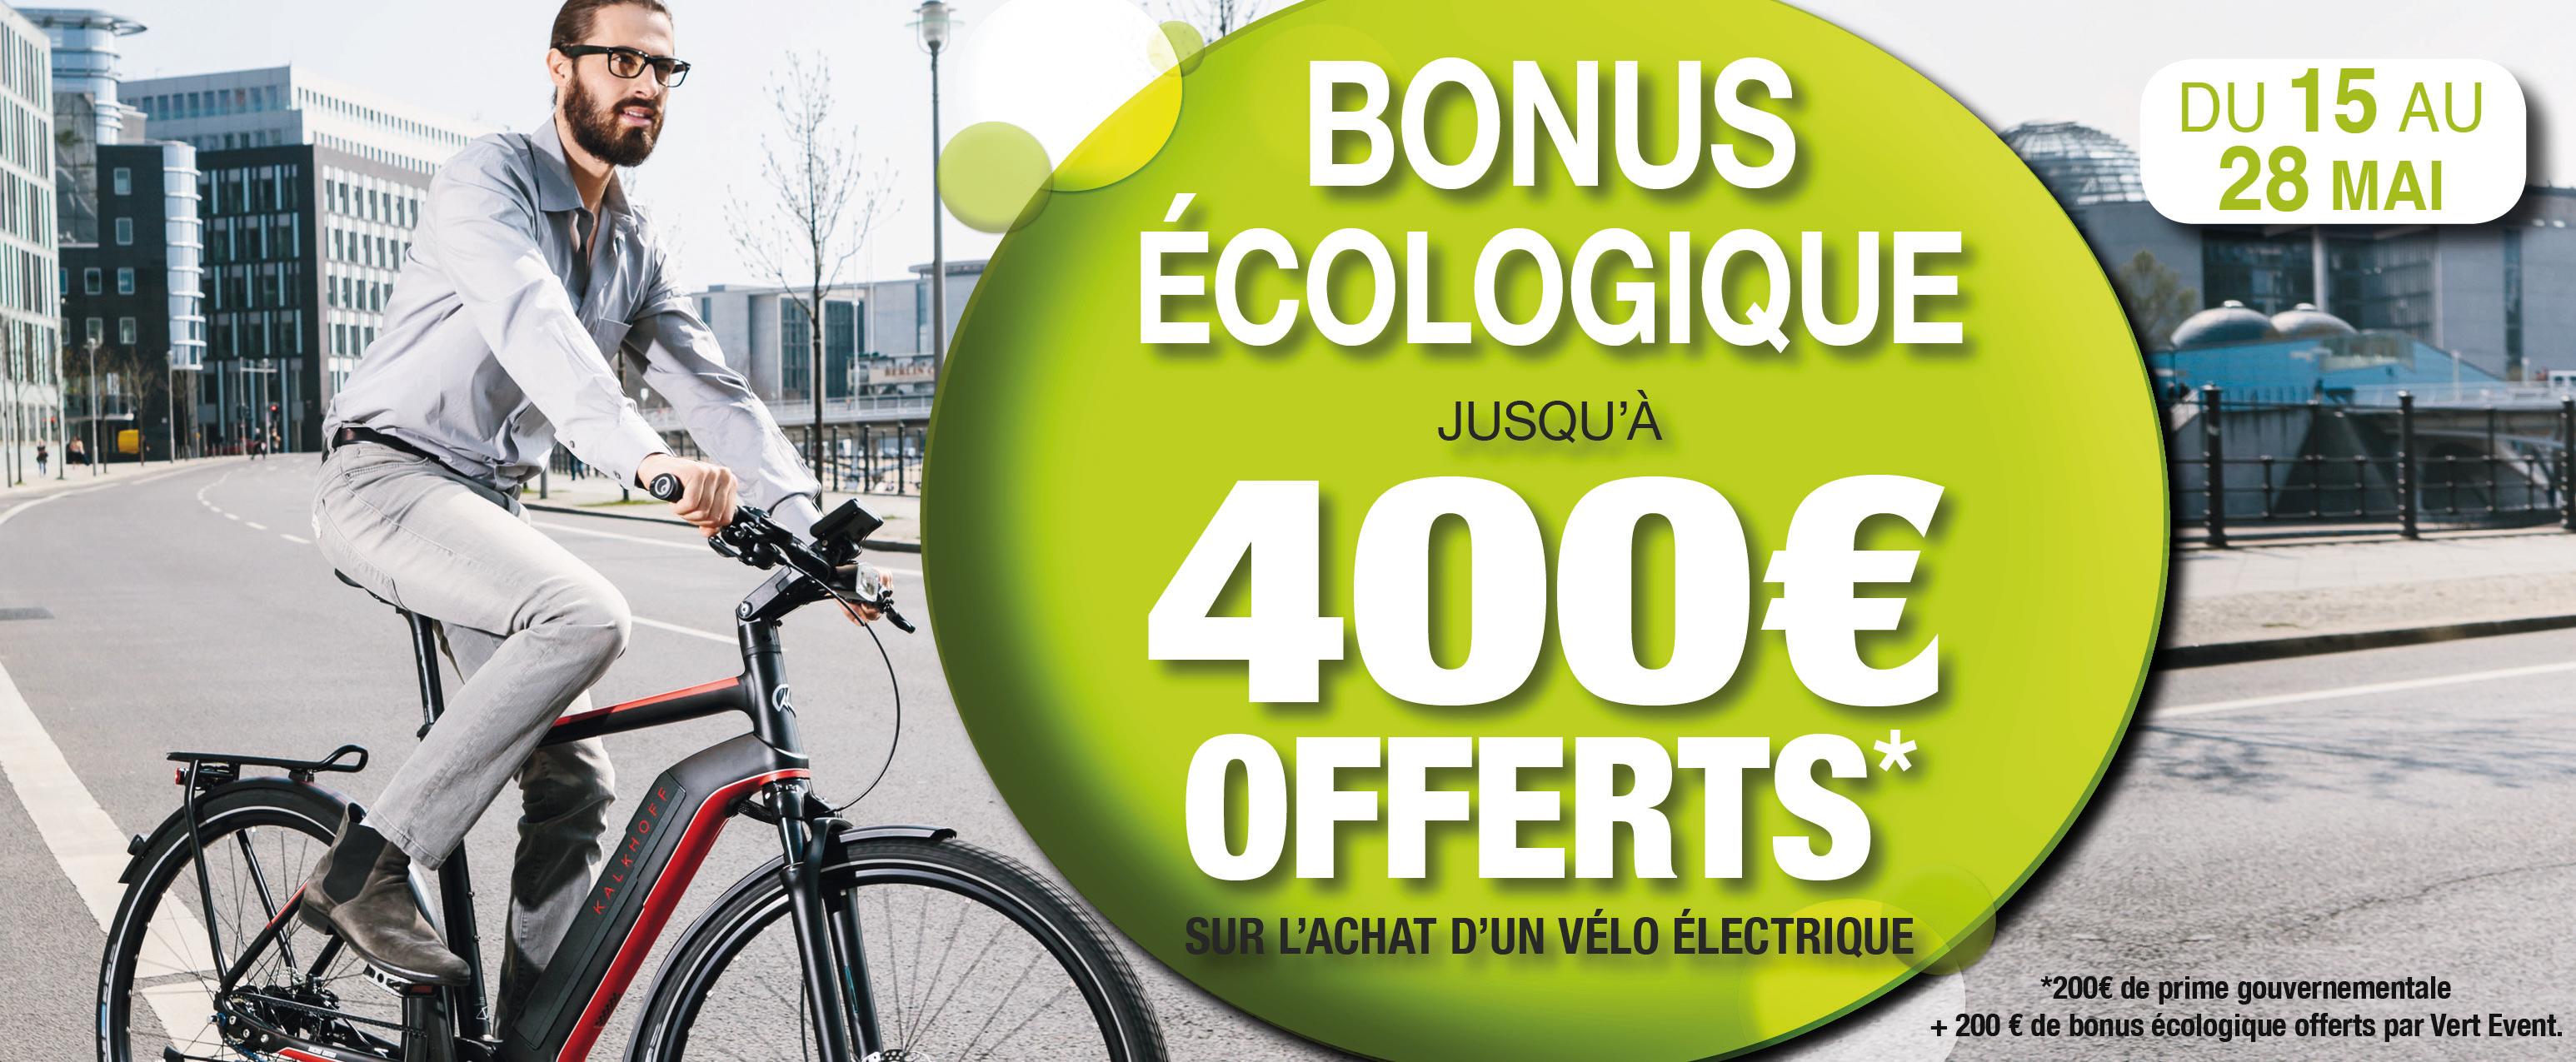 Vélo électrique bonus écologique